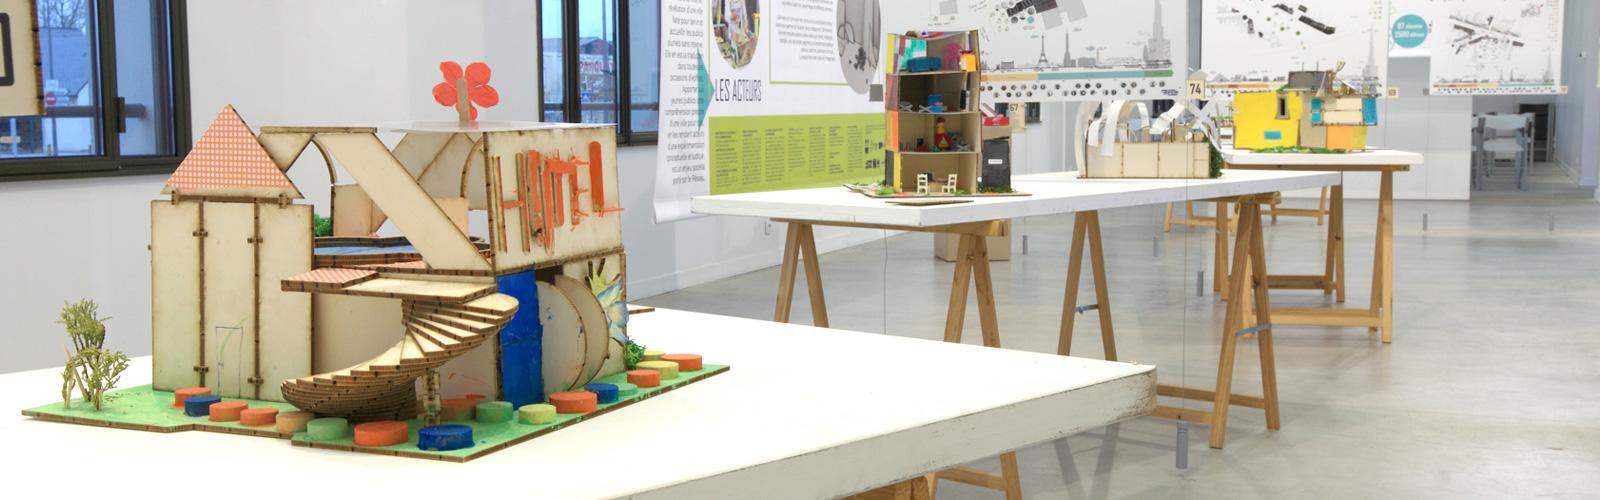 Exposition Journée Nationale de l'Architecture en Classes